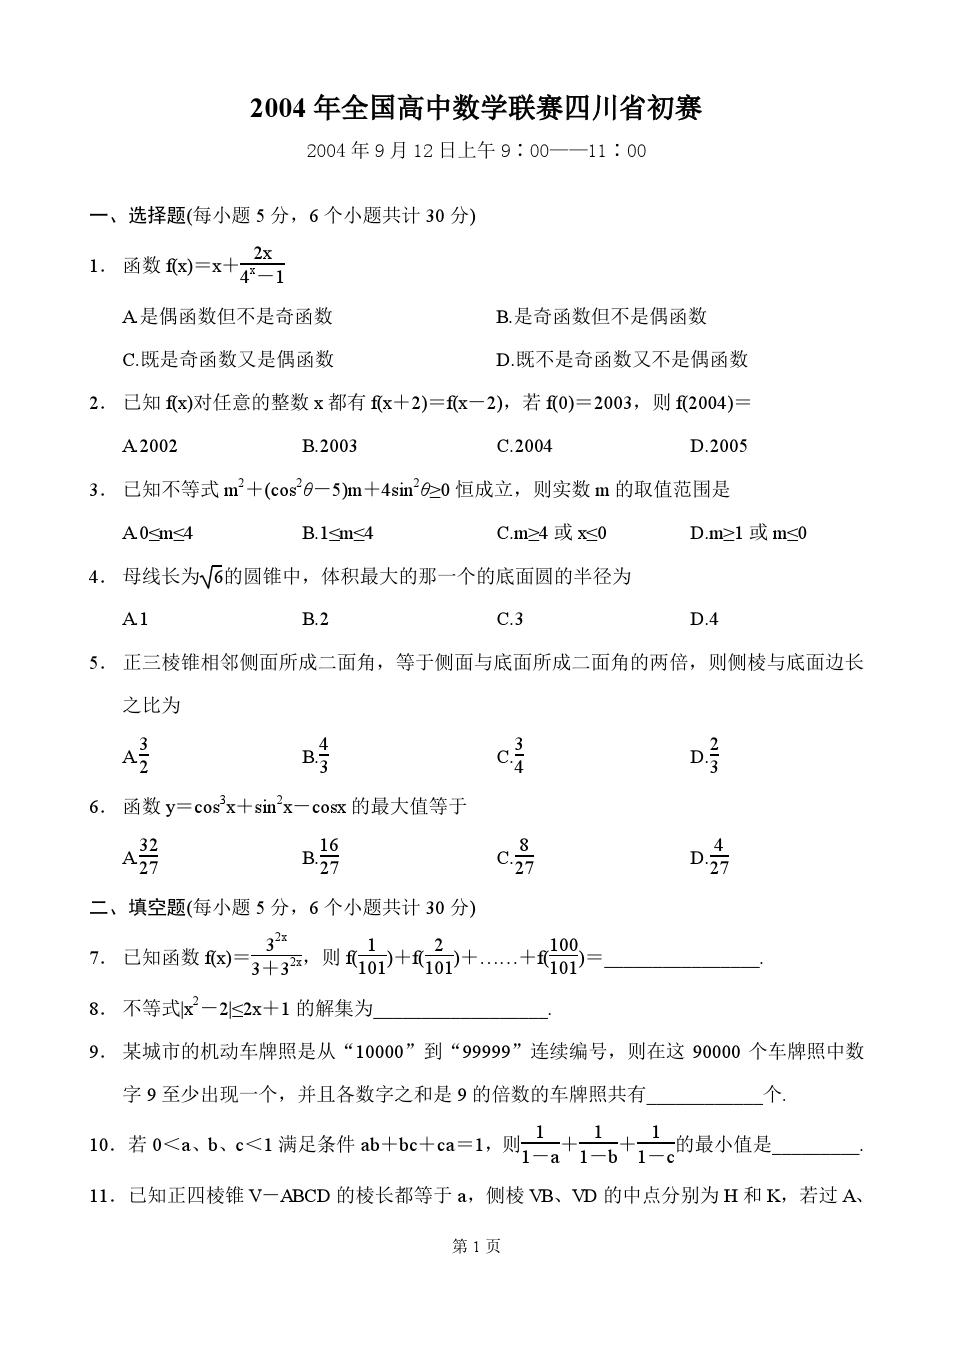 2004年联赛邪教答案高中(四川省全国含数学)征文初赛初中生反图片